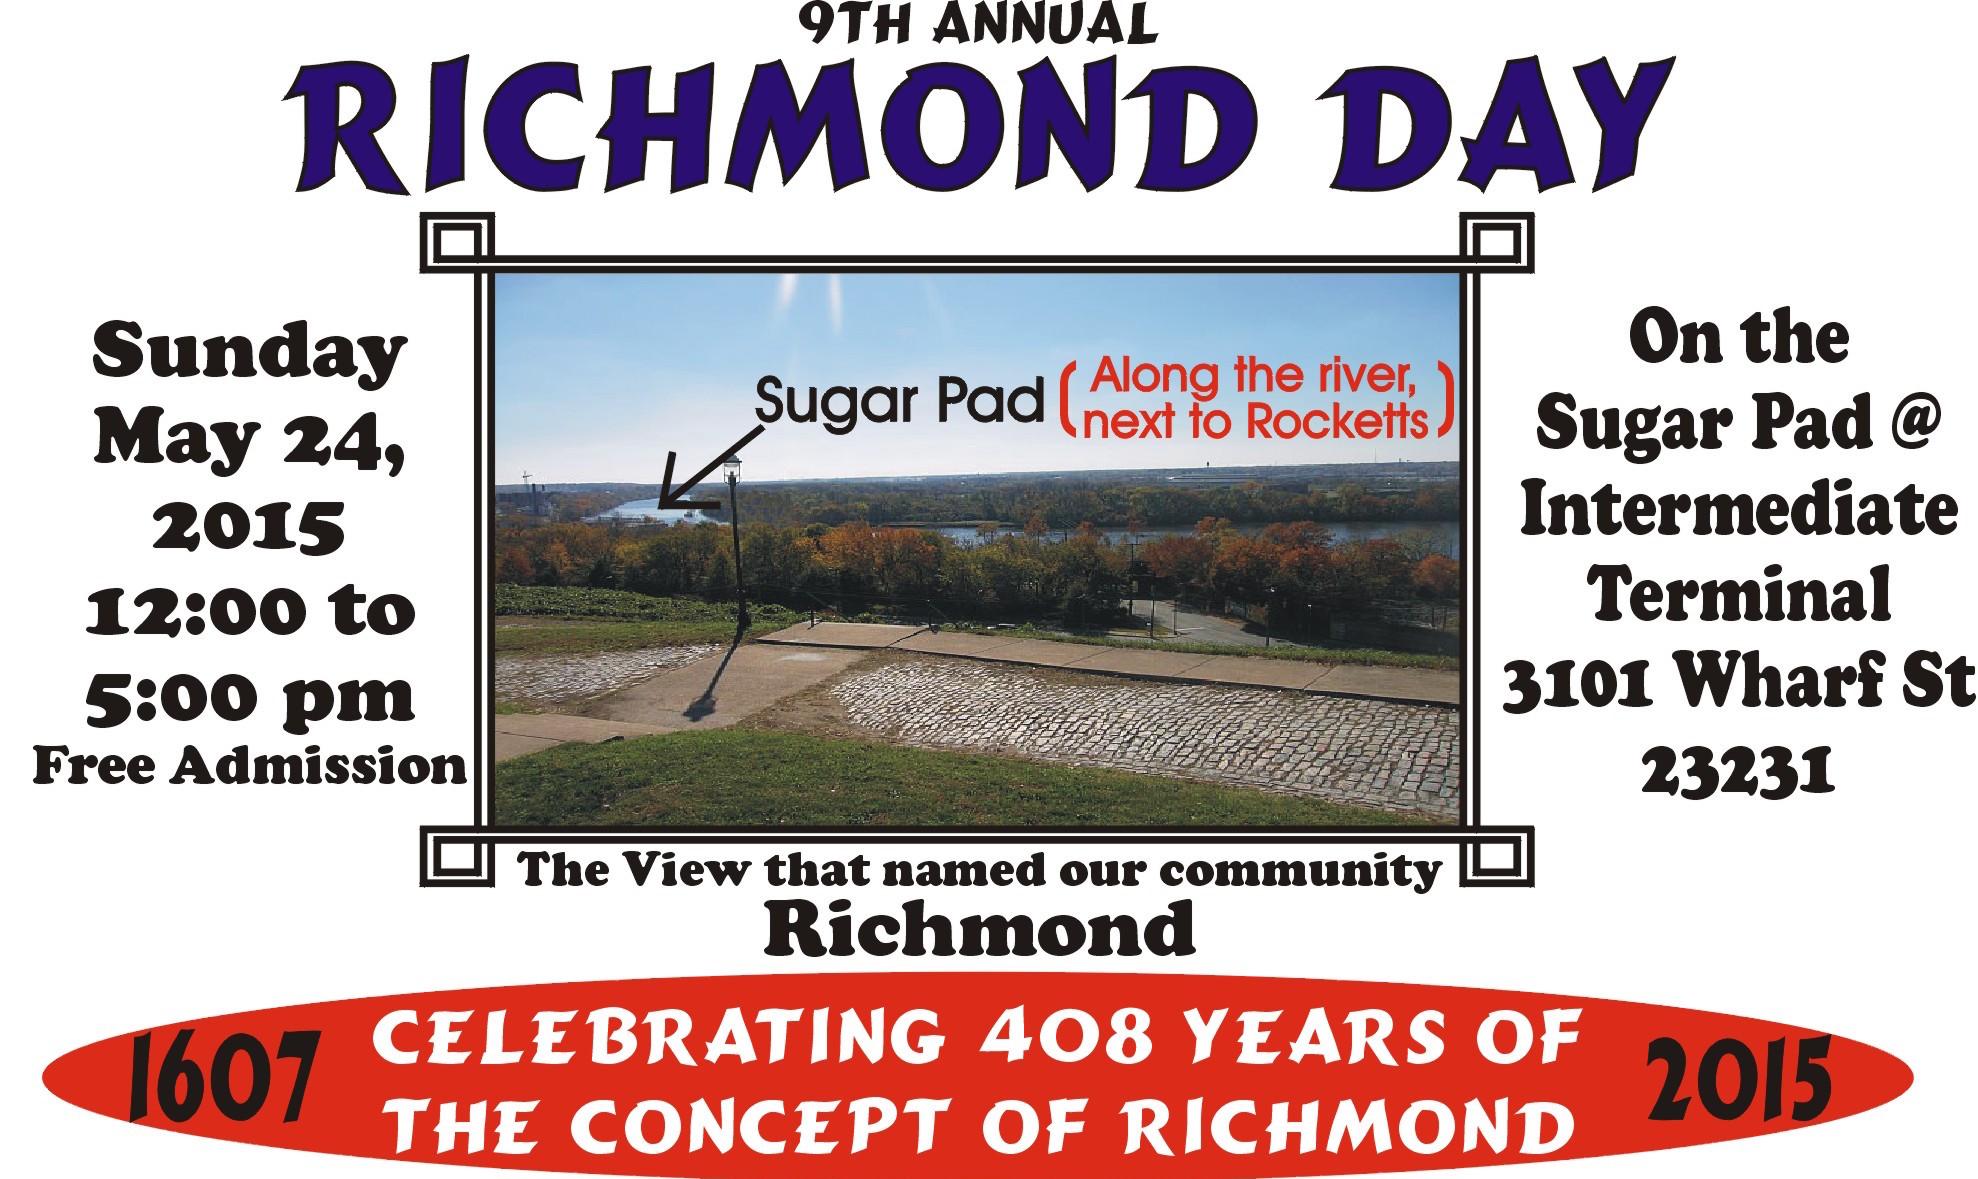 Richmond Day 2015 Flyer